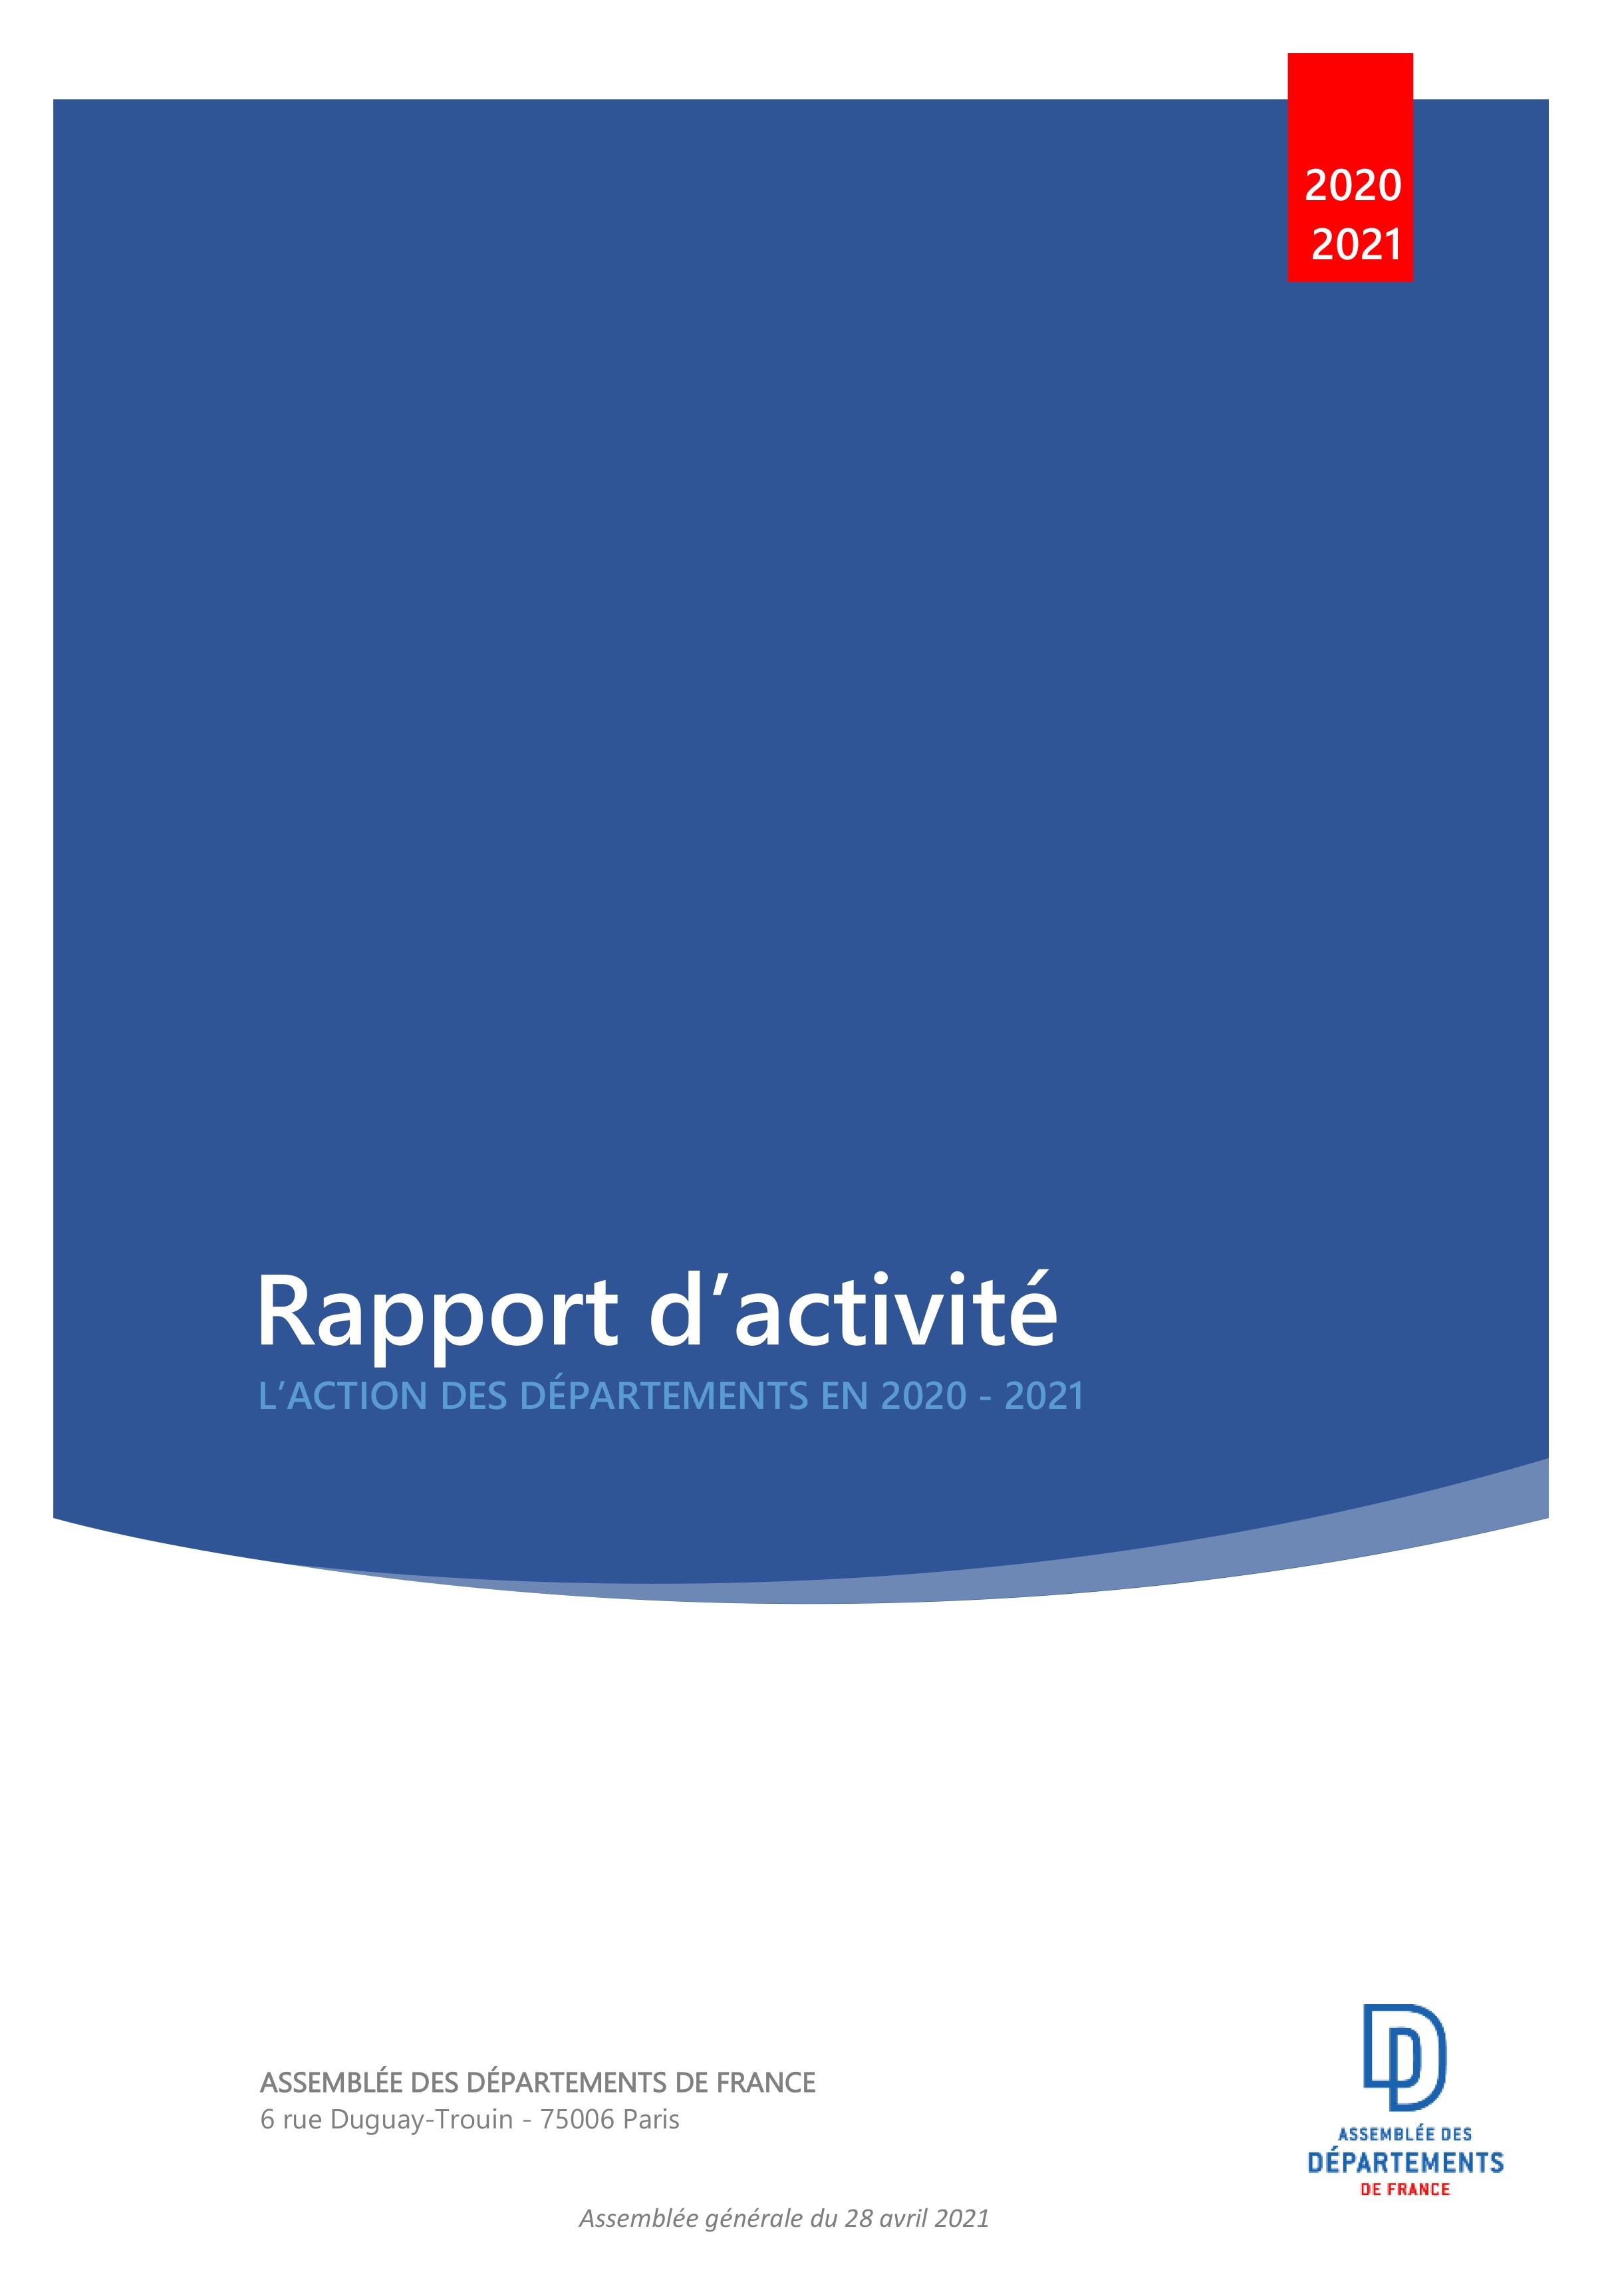 Rapport d'activité ADF 2020-2021